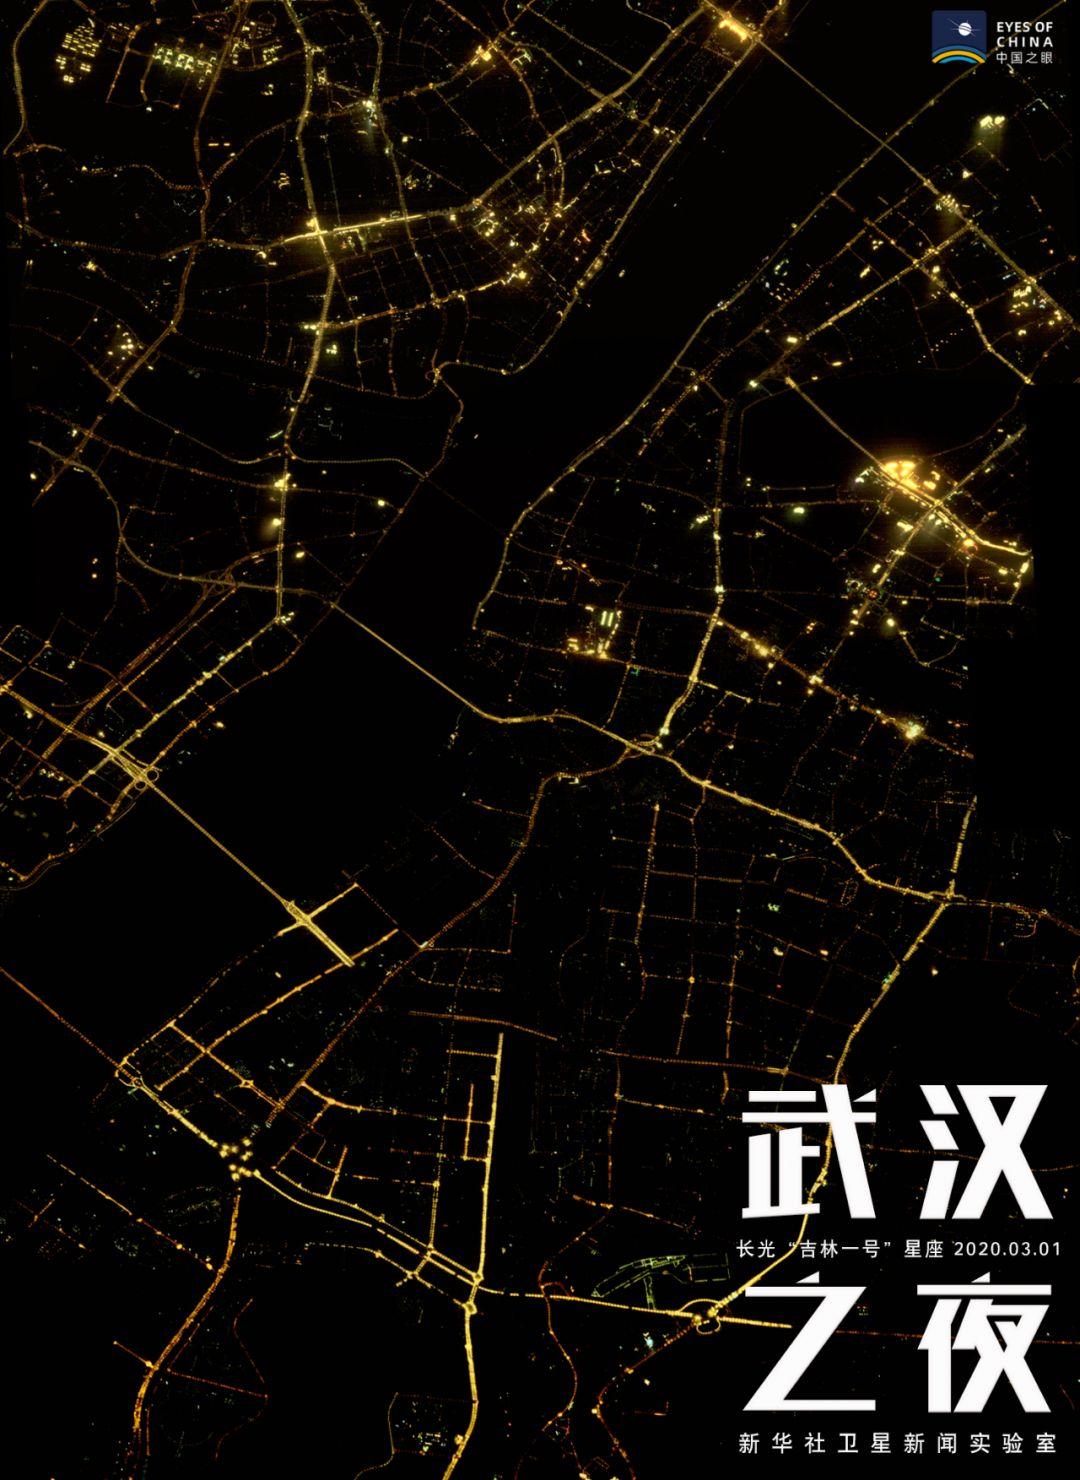 3月1日,卫星拍摄到的武汉片面区域夜光图